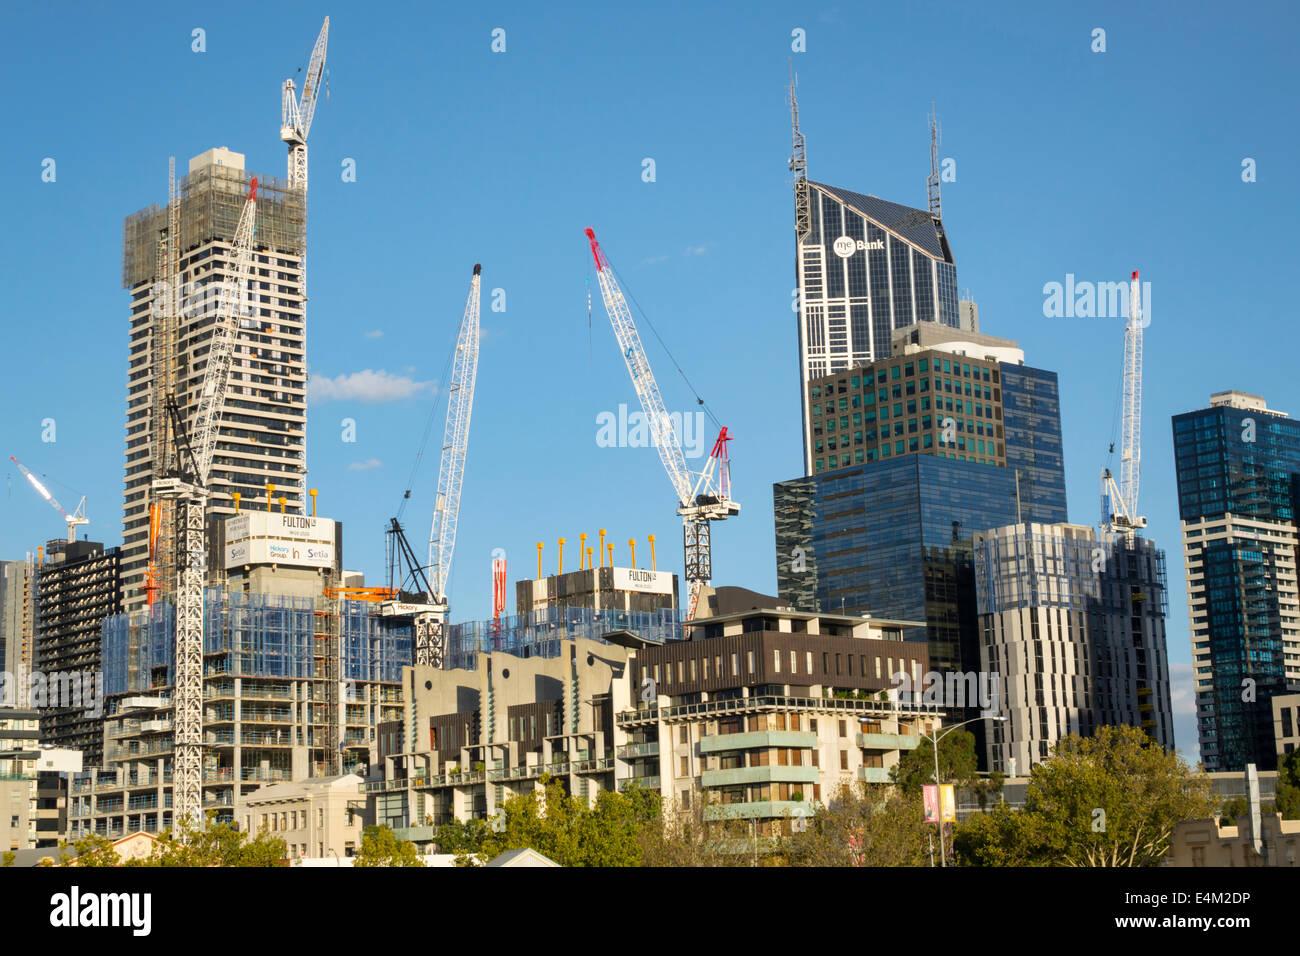 Australia, Victoria, Melbourne, Central business, District, CBD, high rise rises skyscraper skyscrapers tall building Stock Photo